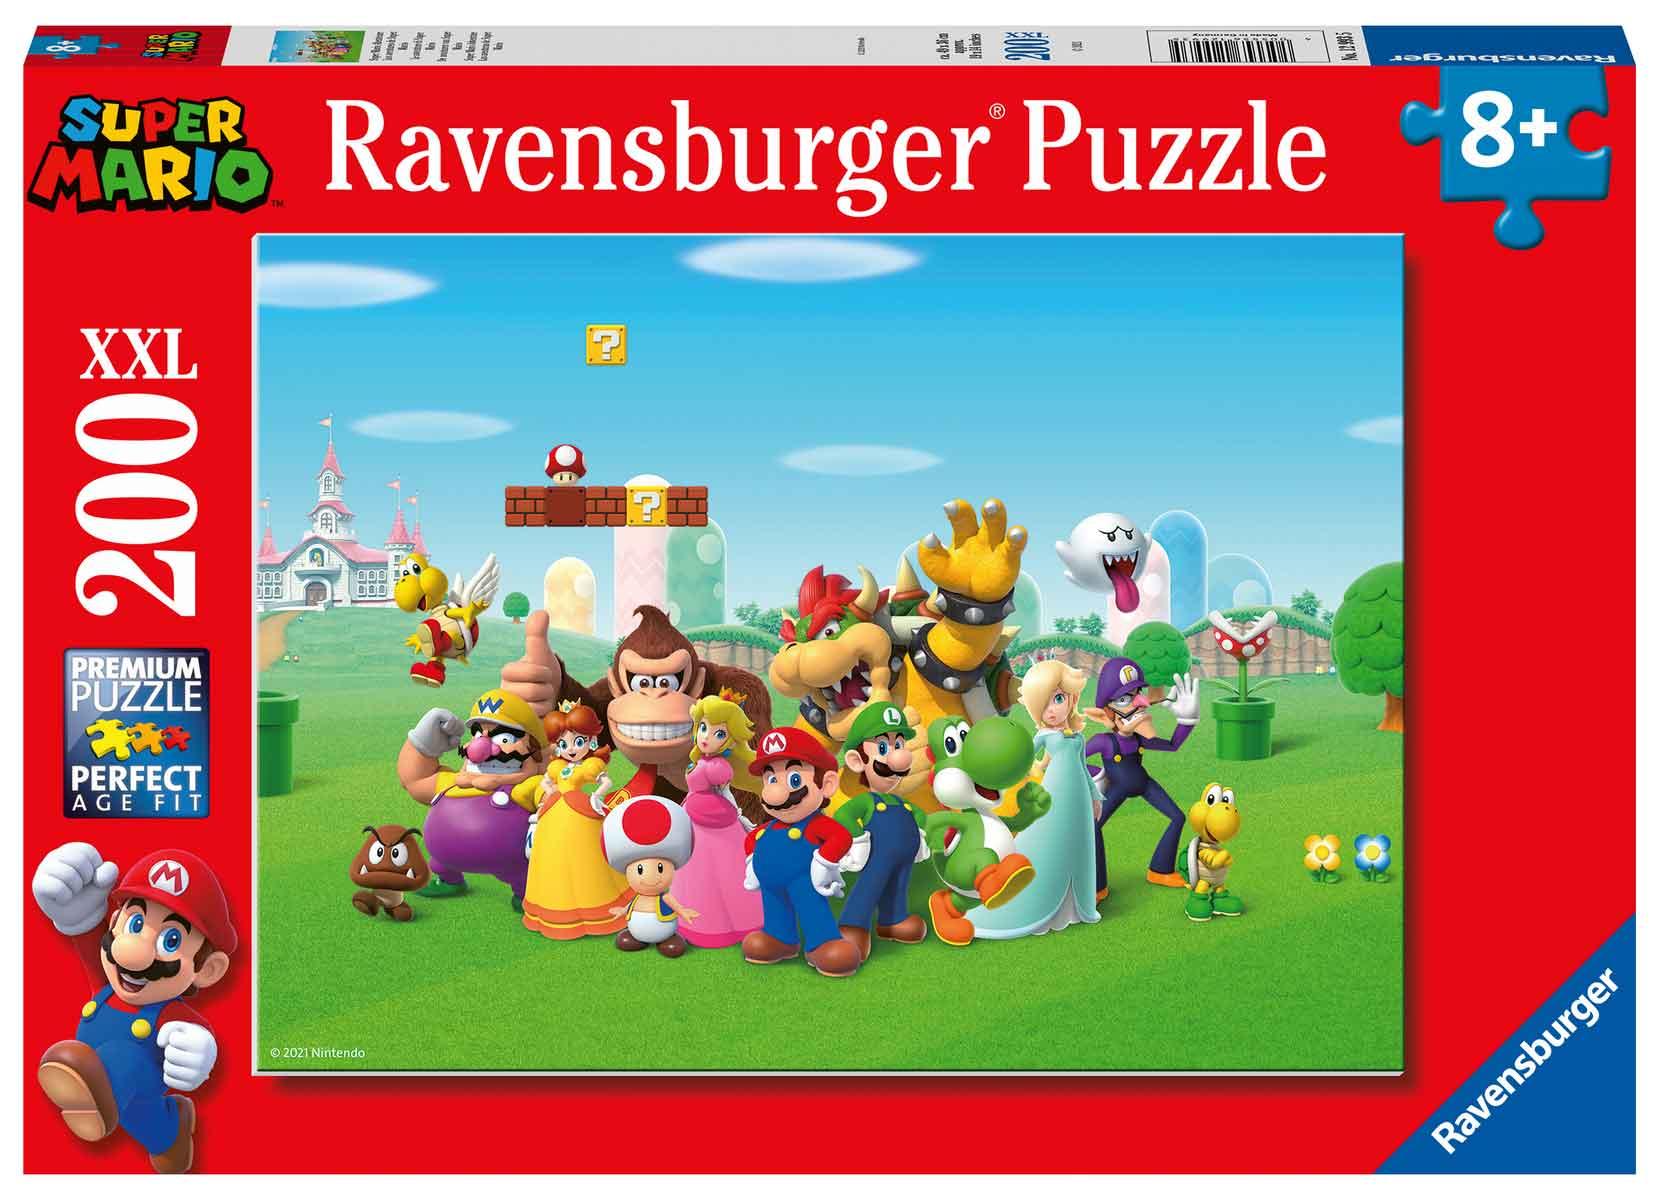 Puzzle Ravensburger Super Mario XXL de 200 Piezas